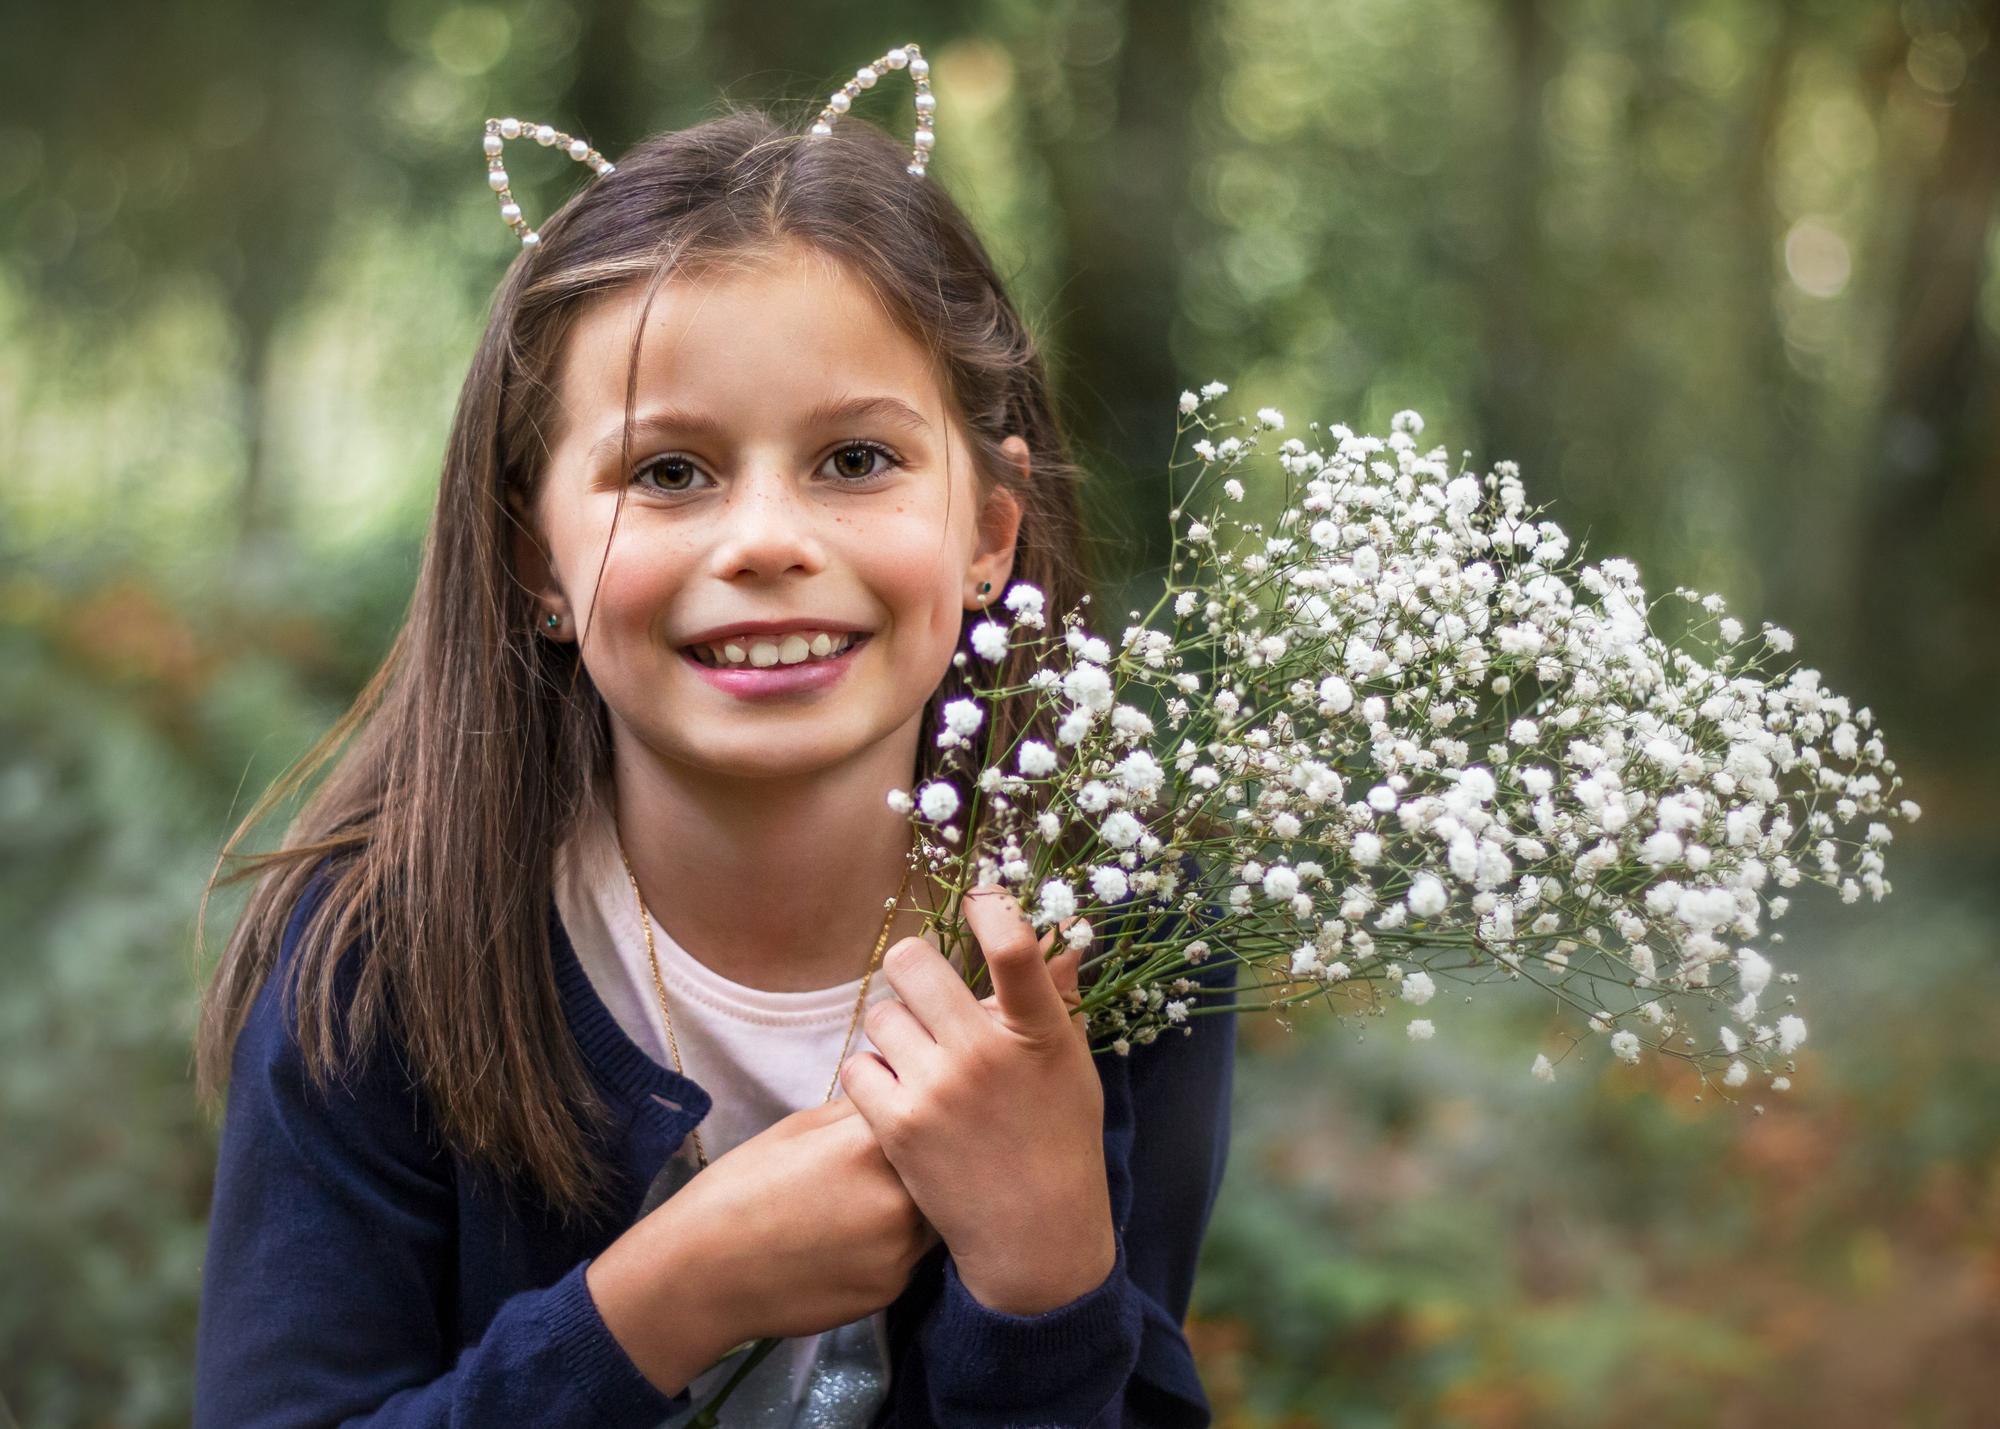 Portrety dziecięce, fotografia rodzinna, sesja zdjęciowa kobieca. Kursy fotografii online. 377 Kursy i 369 AFO